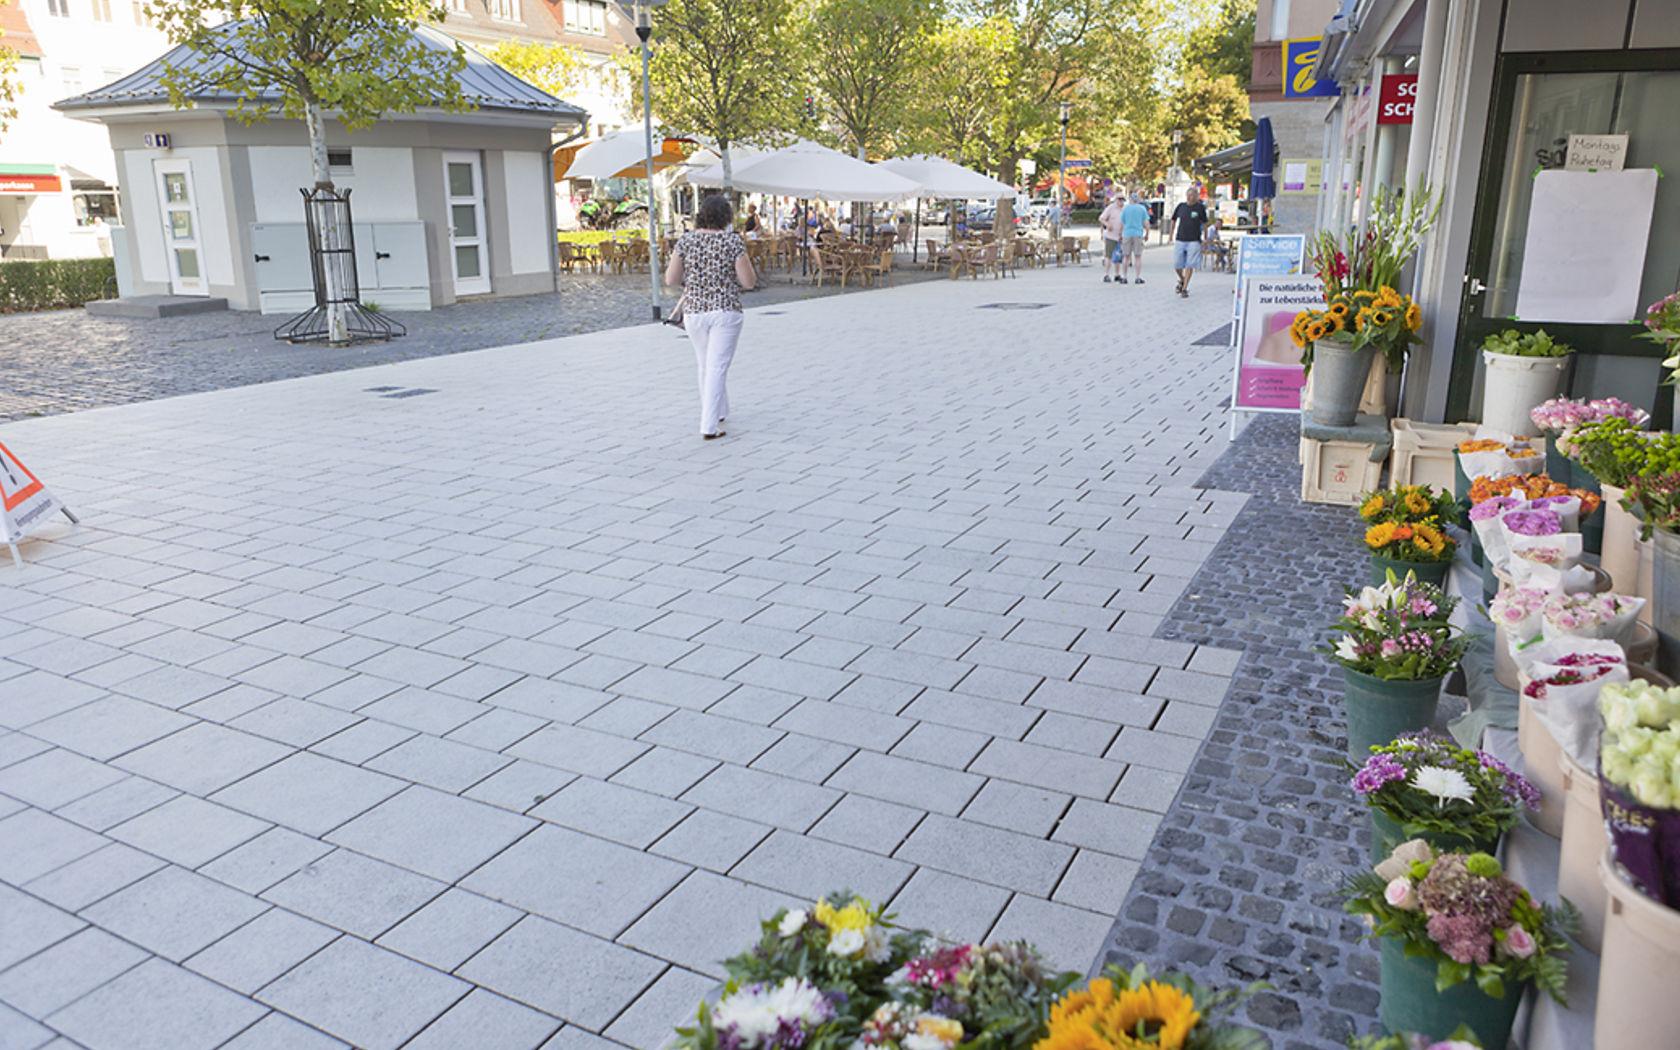 Nach der Reinigung sind die Pflastersteine in der Fußgängerzone wieder sauber.